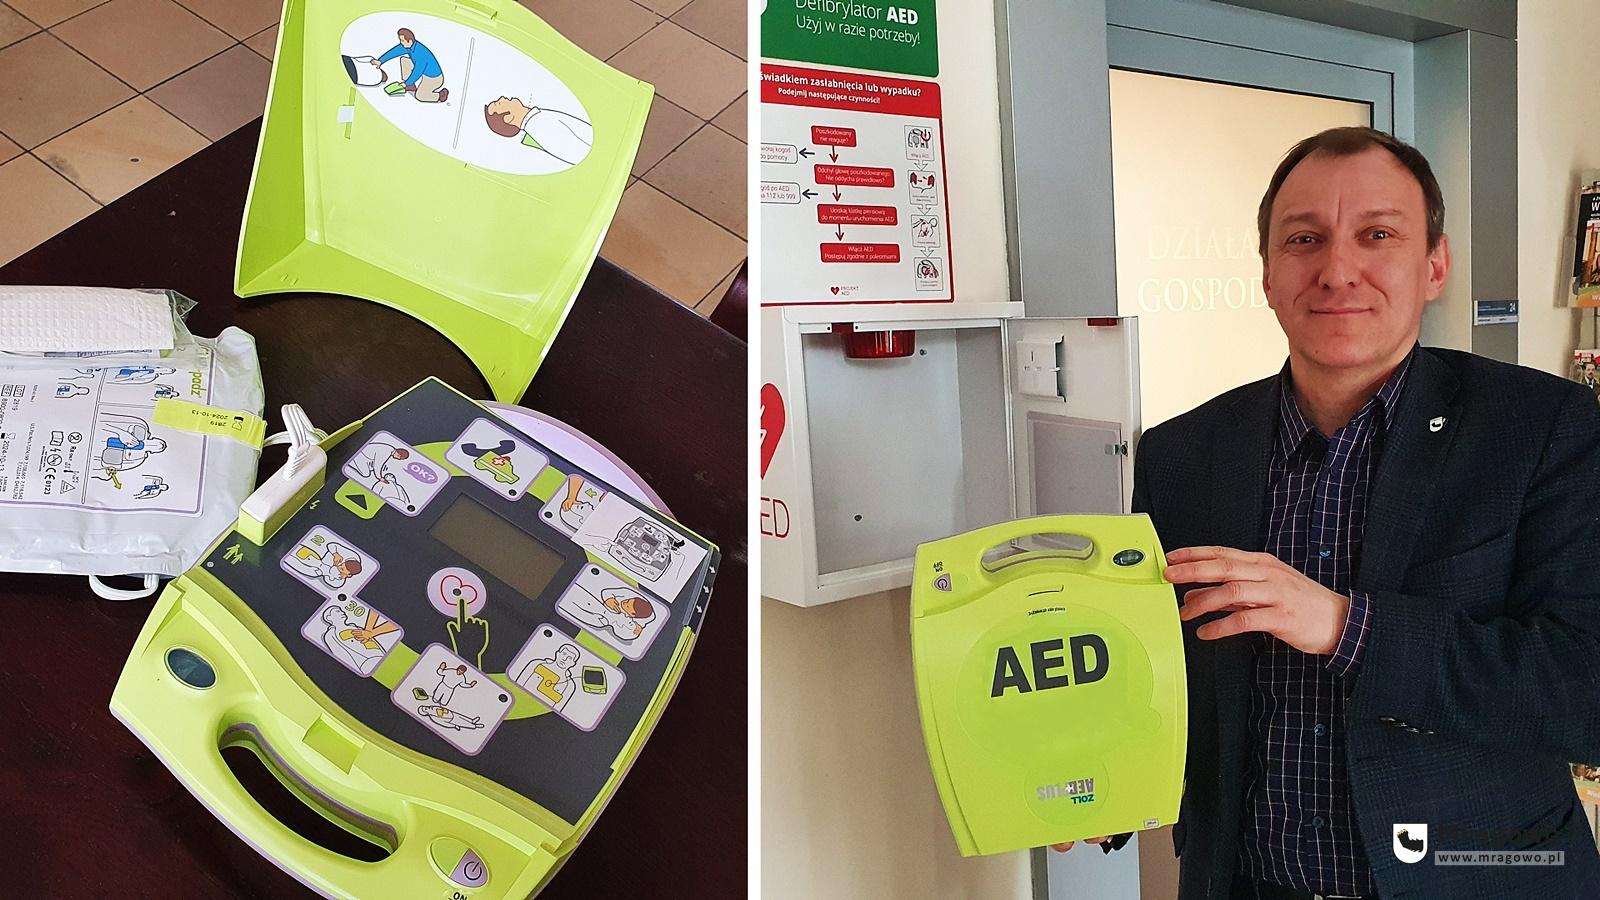 W Urzędzie Miejskim zamontowano defibrylator AED